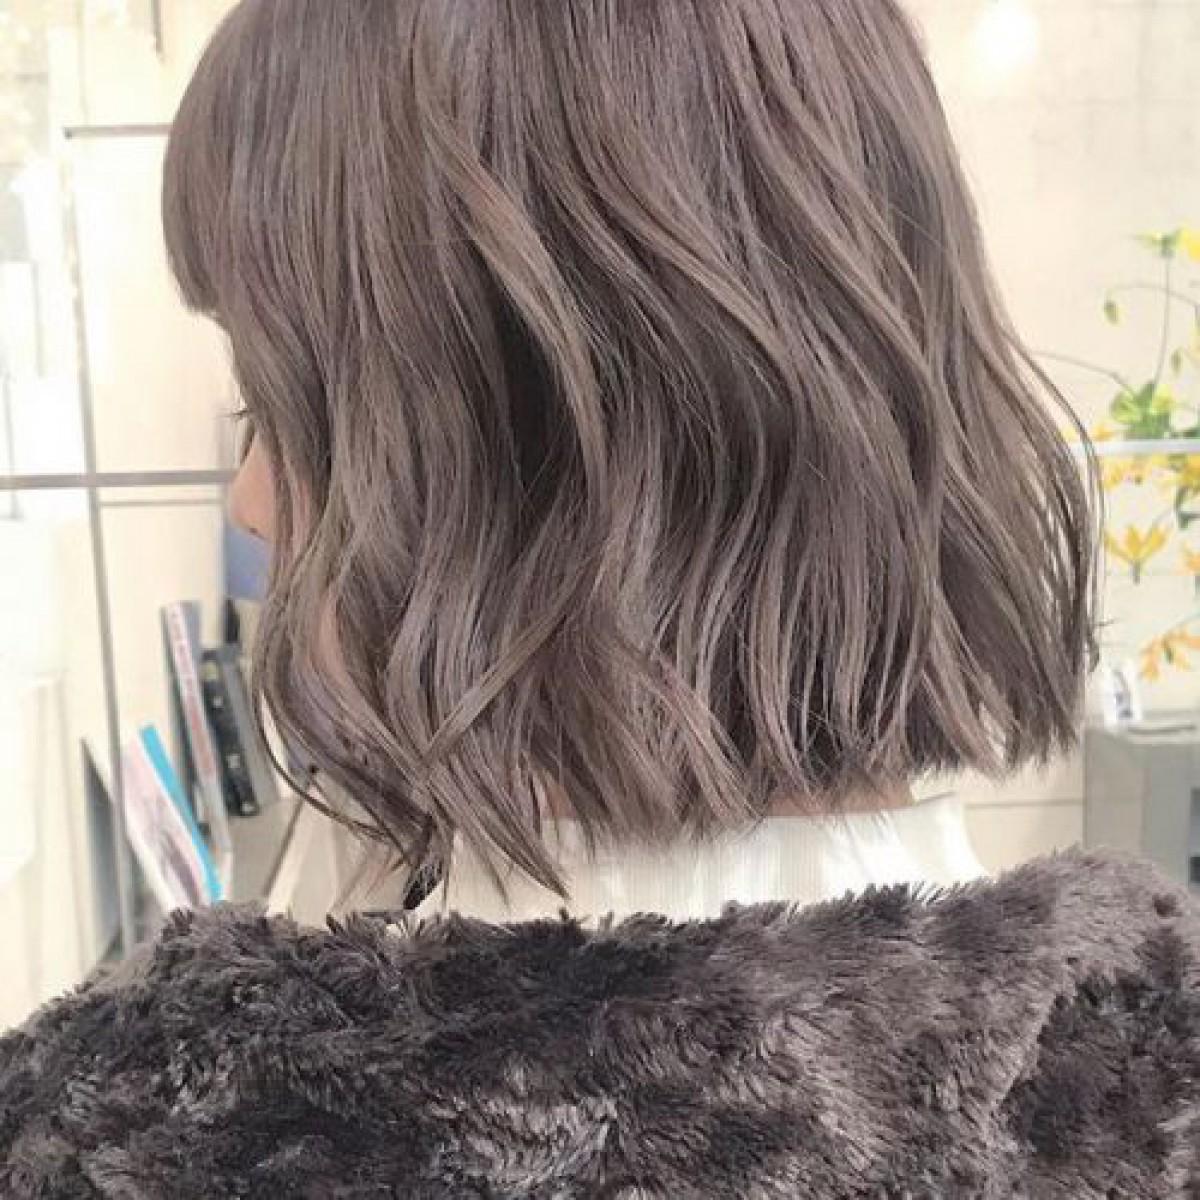 春色髪に忍ばせて。2018SSヘアカラーは✕グレージュで叶える薫る色気と透明感